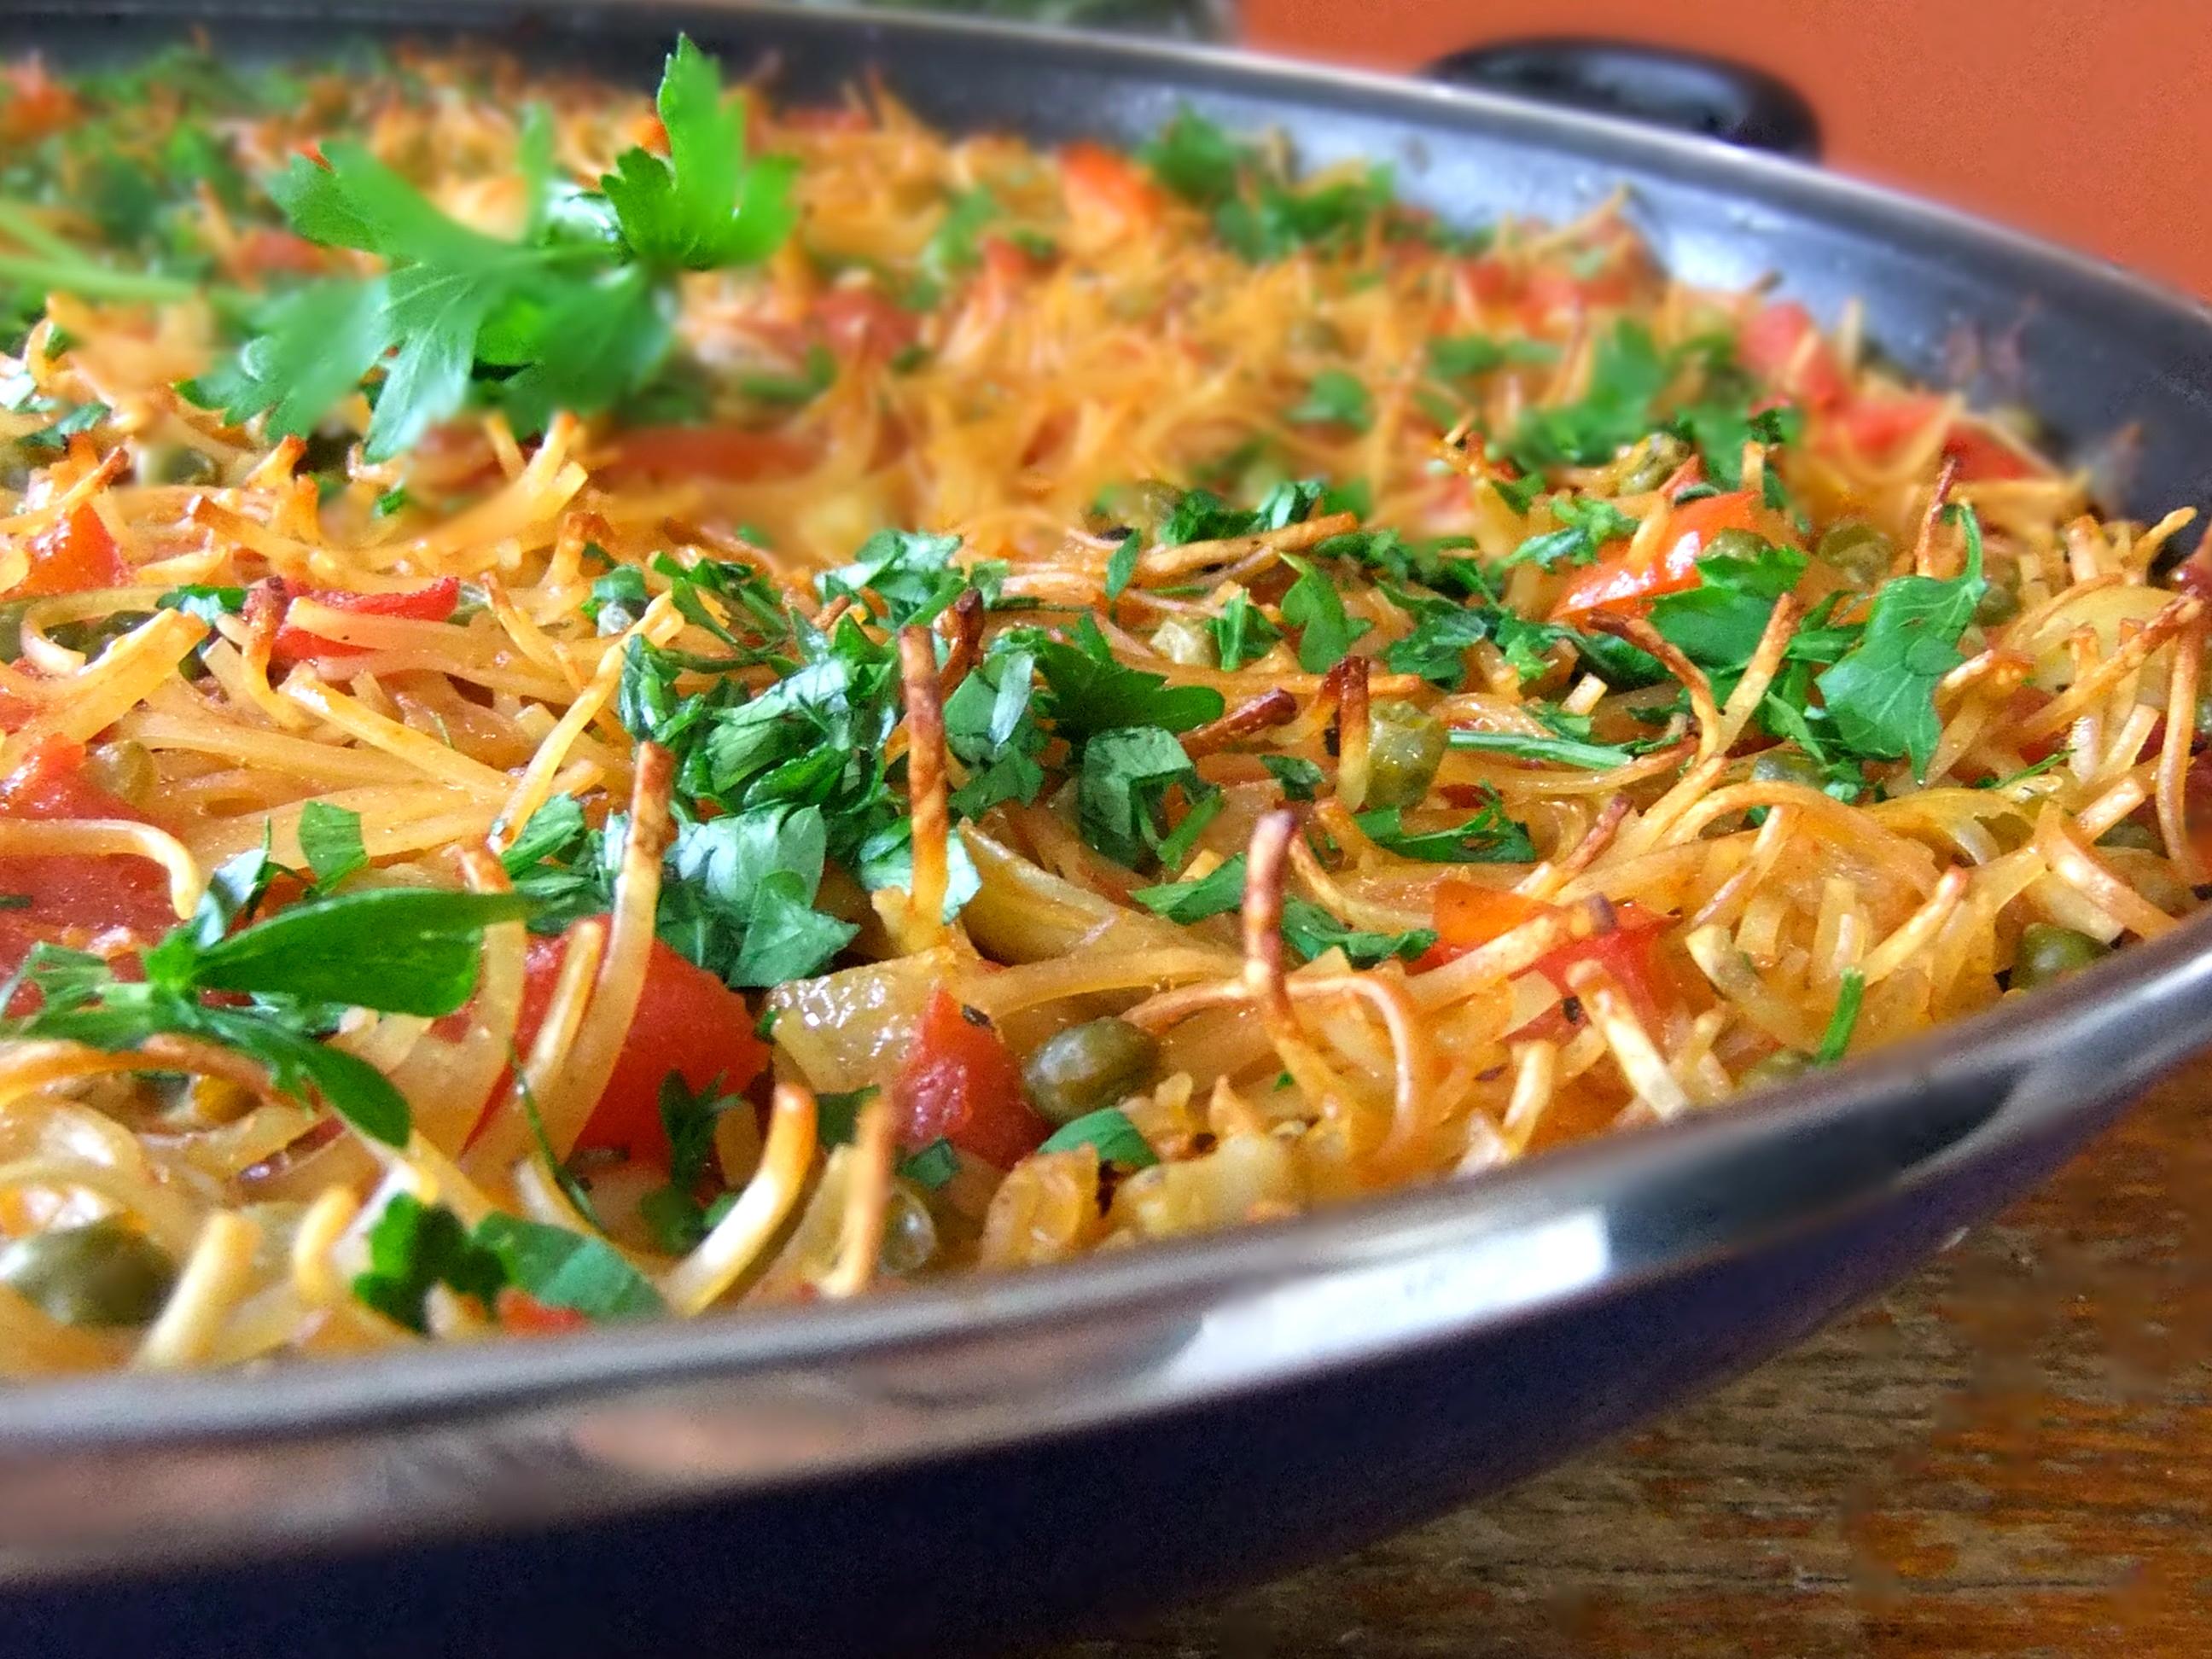 VEGAN FIDEUA - SPANISH NOODLE PAELLA Recipe on Food52